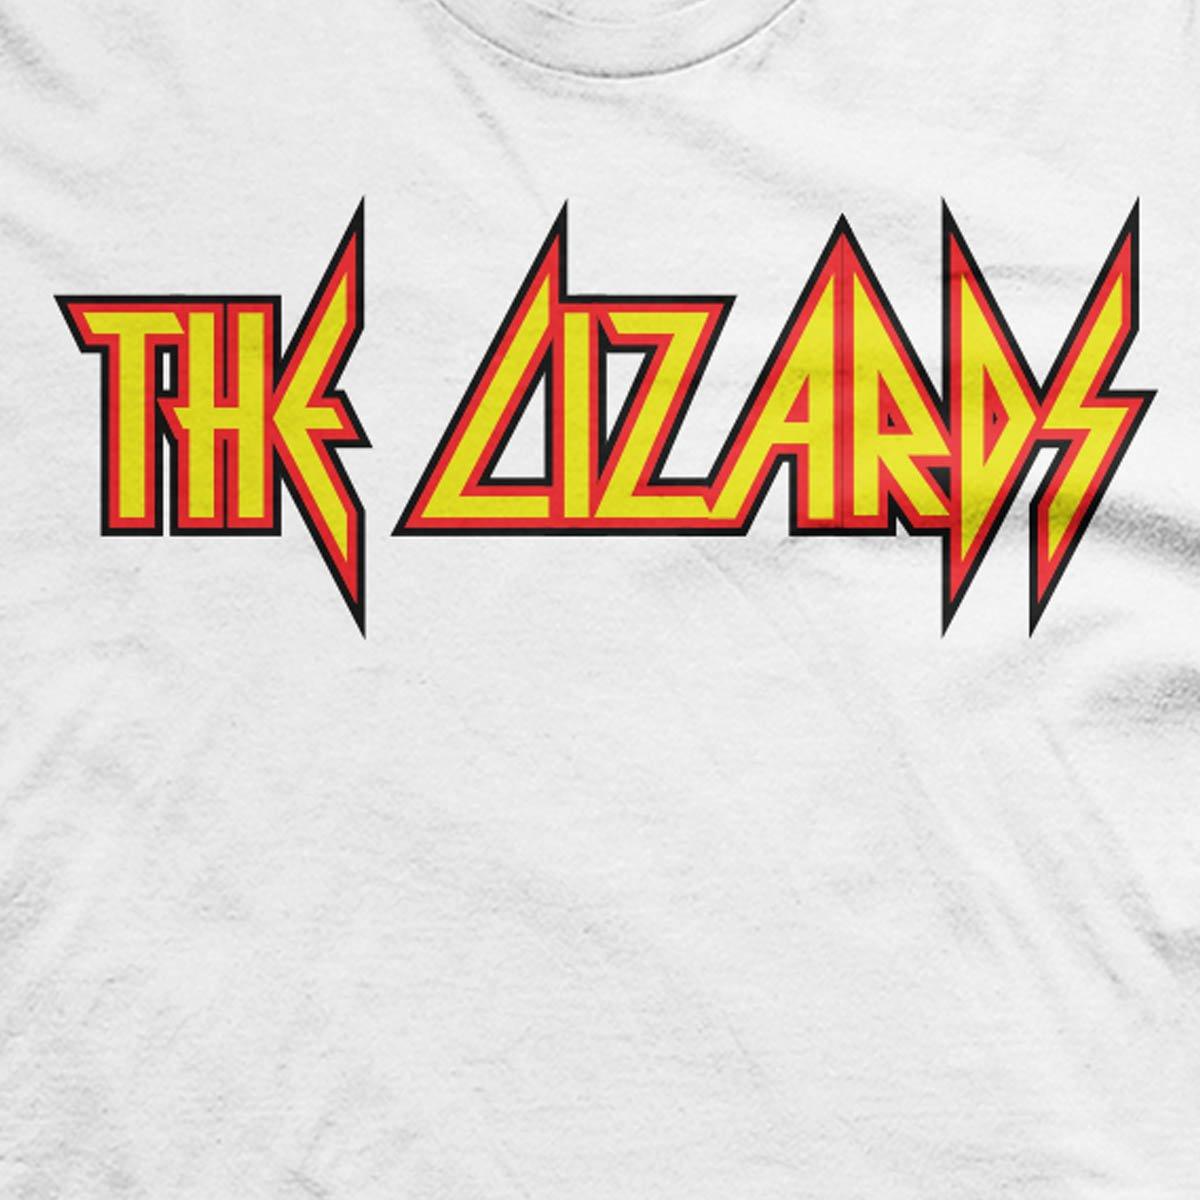 Phish The Lizards T-shirt